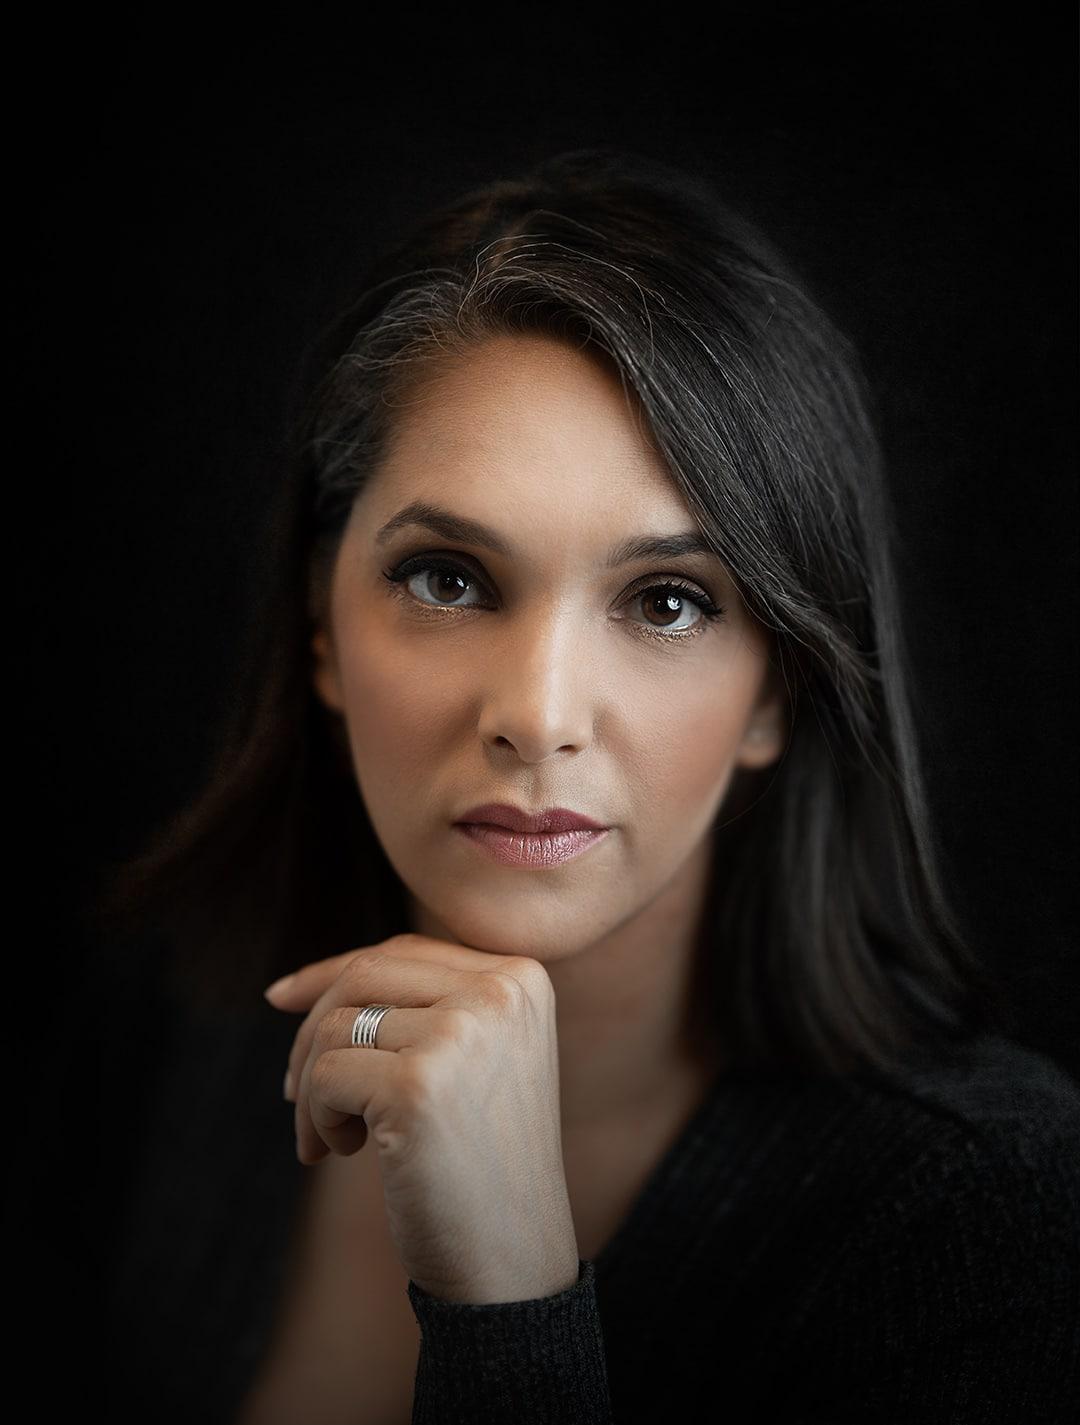 Karen Danieli Portrait